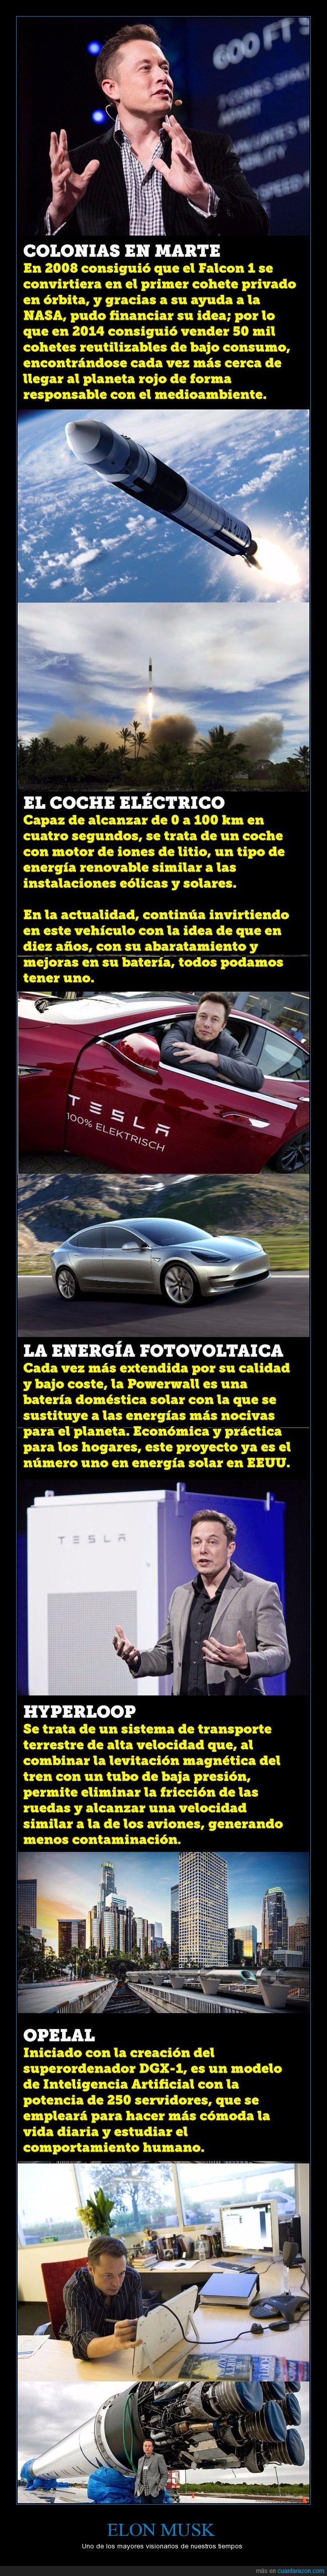 ebay,elon musk,hyperloop,inventos,tesla,visionario